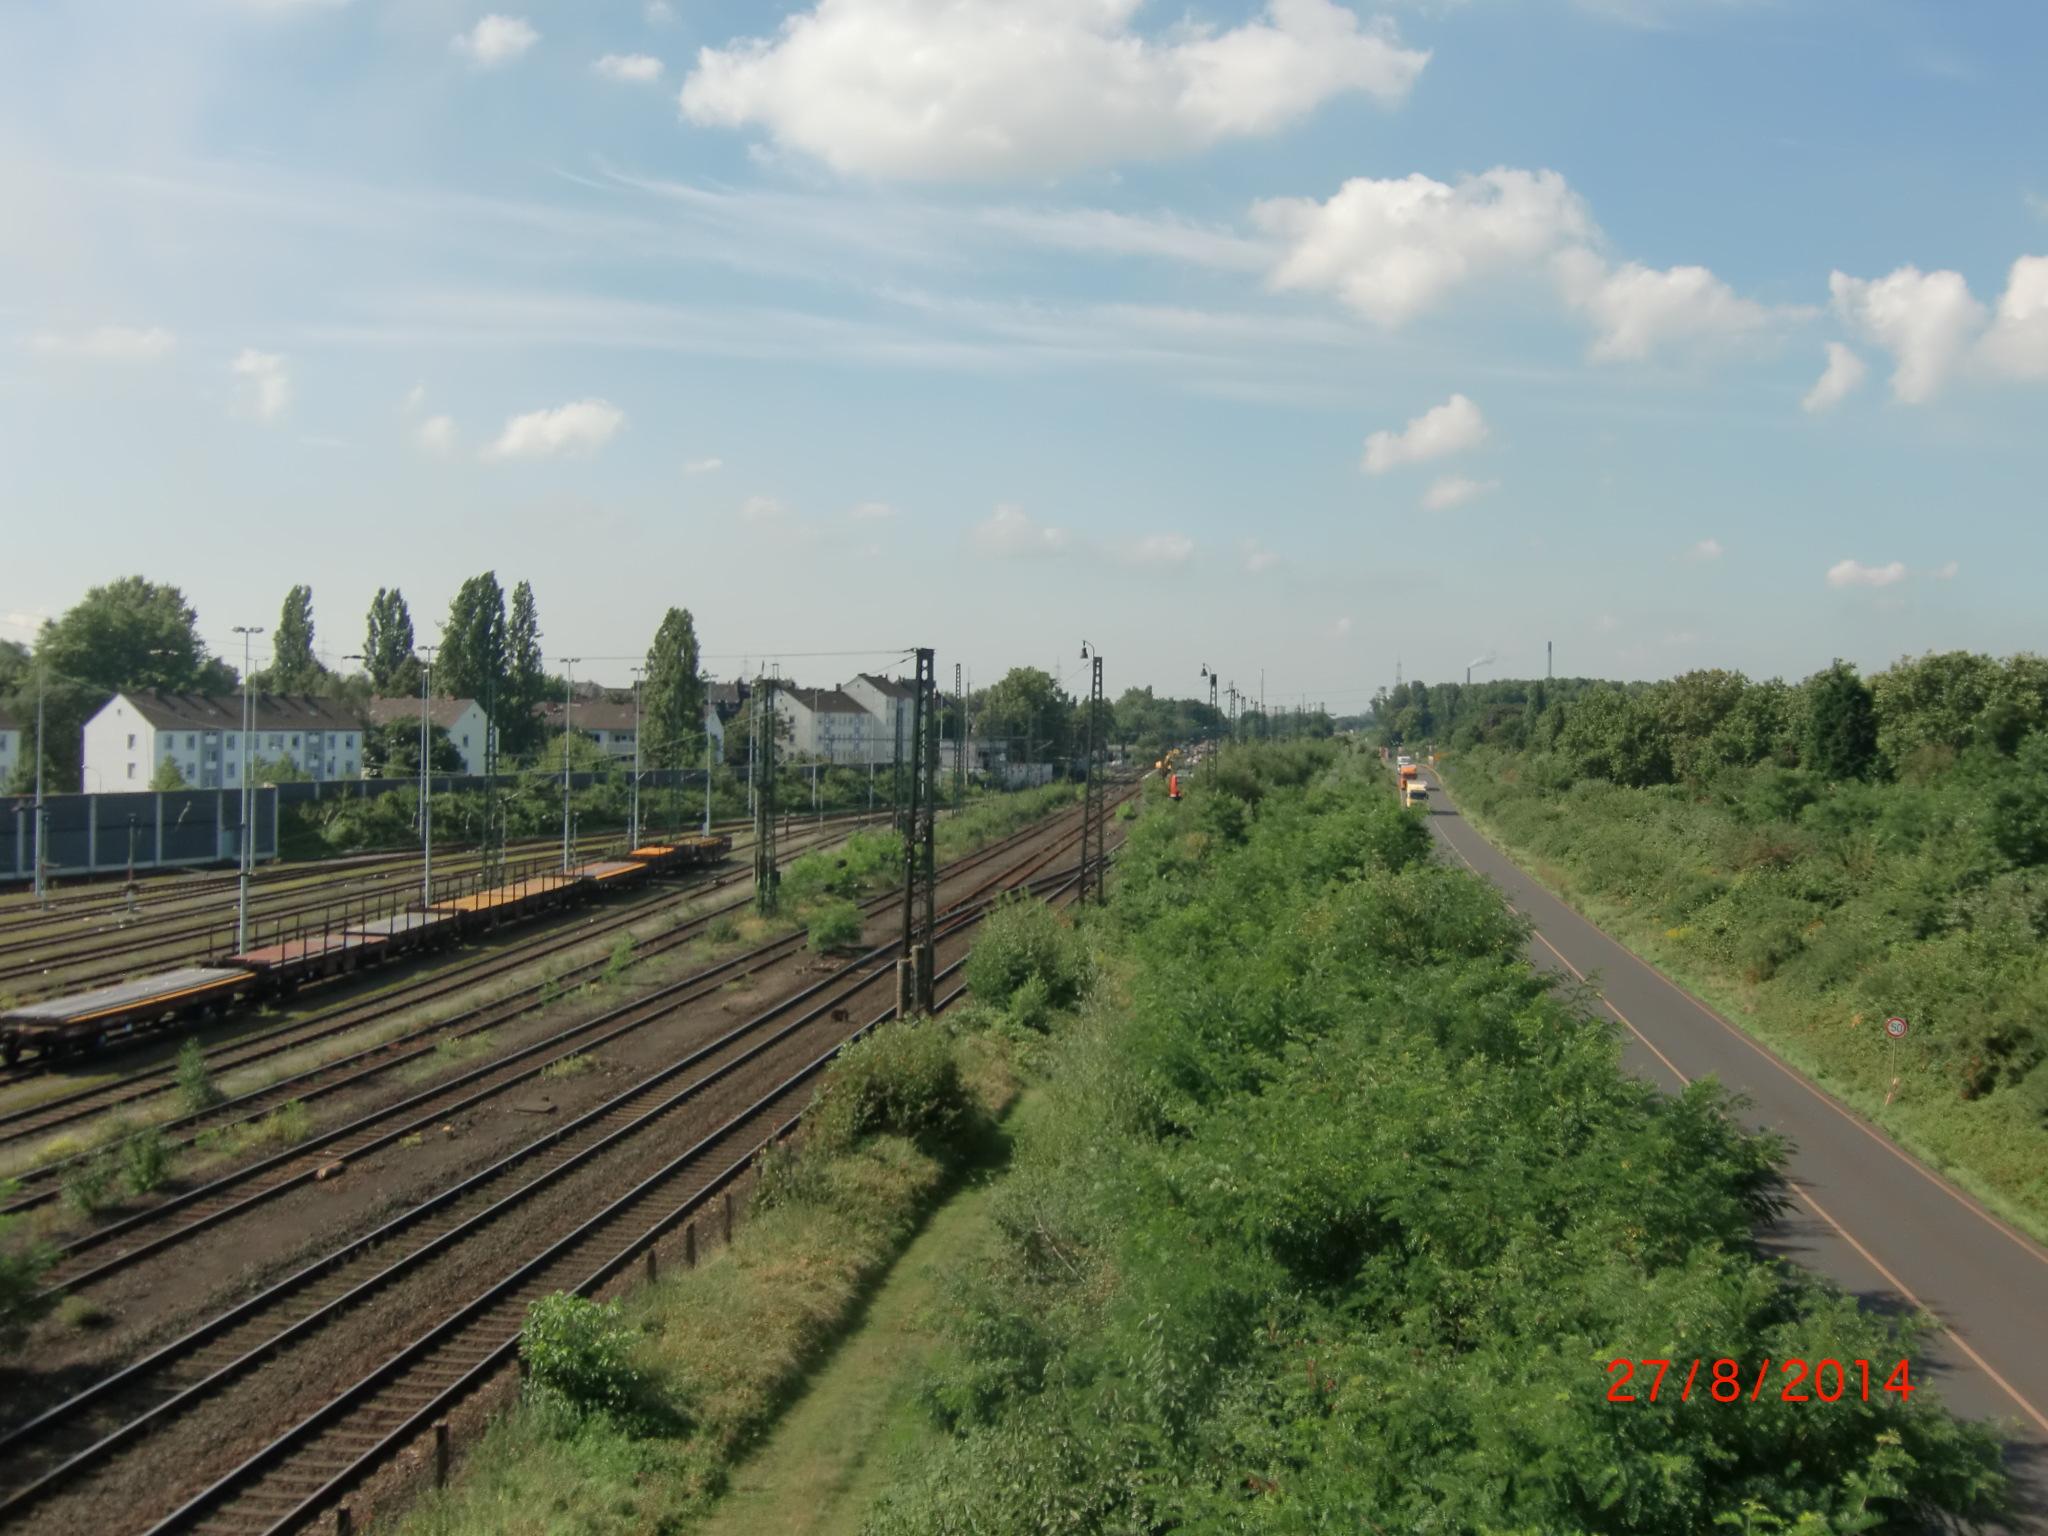 """Blick von der Gaterwegbrücke nach Westen auf den Bahnhof Rheinhausen in Friemersheim -- rechts sieht man die """"L 473"""""""